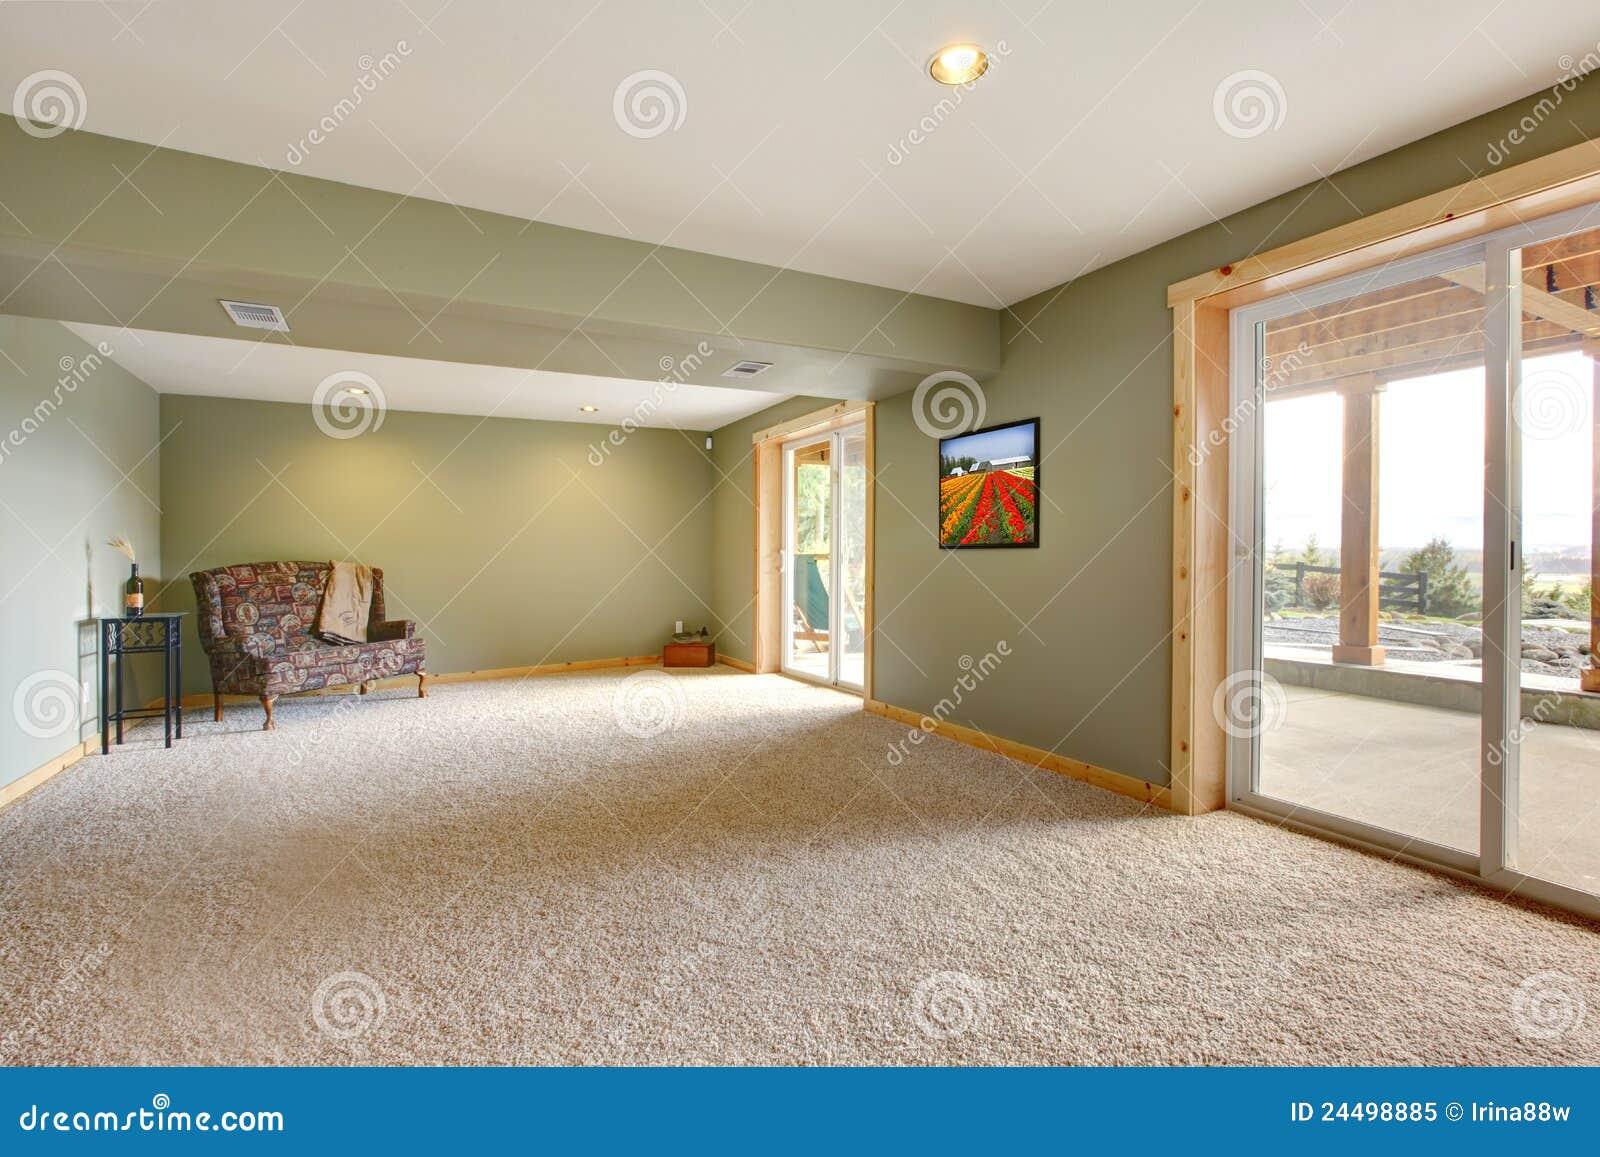 Groene Wand Woonkamer : Grondniveau grote nieuwe woonkamer met groene muren. stock